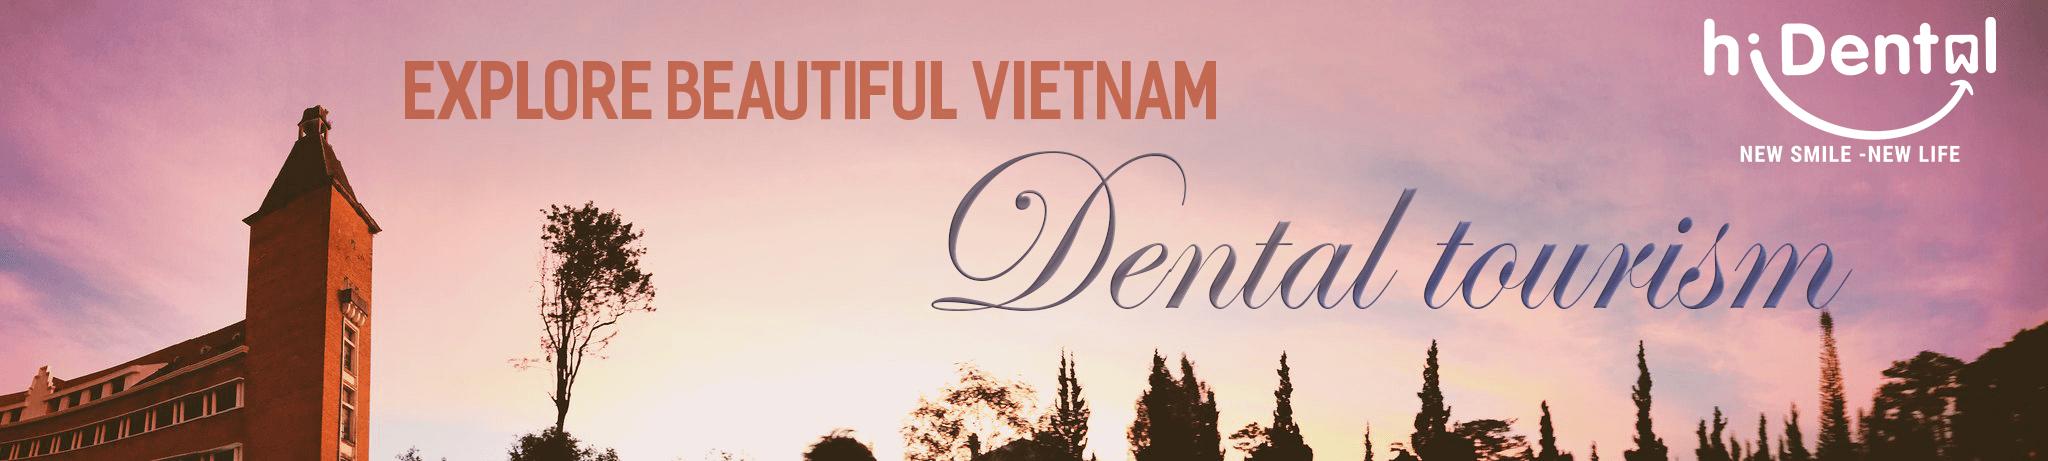 Dental_tourism_vietnam